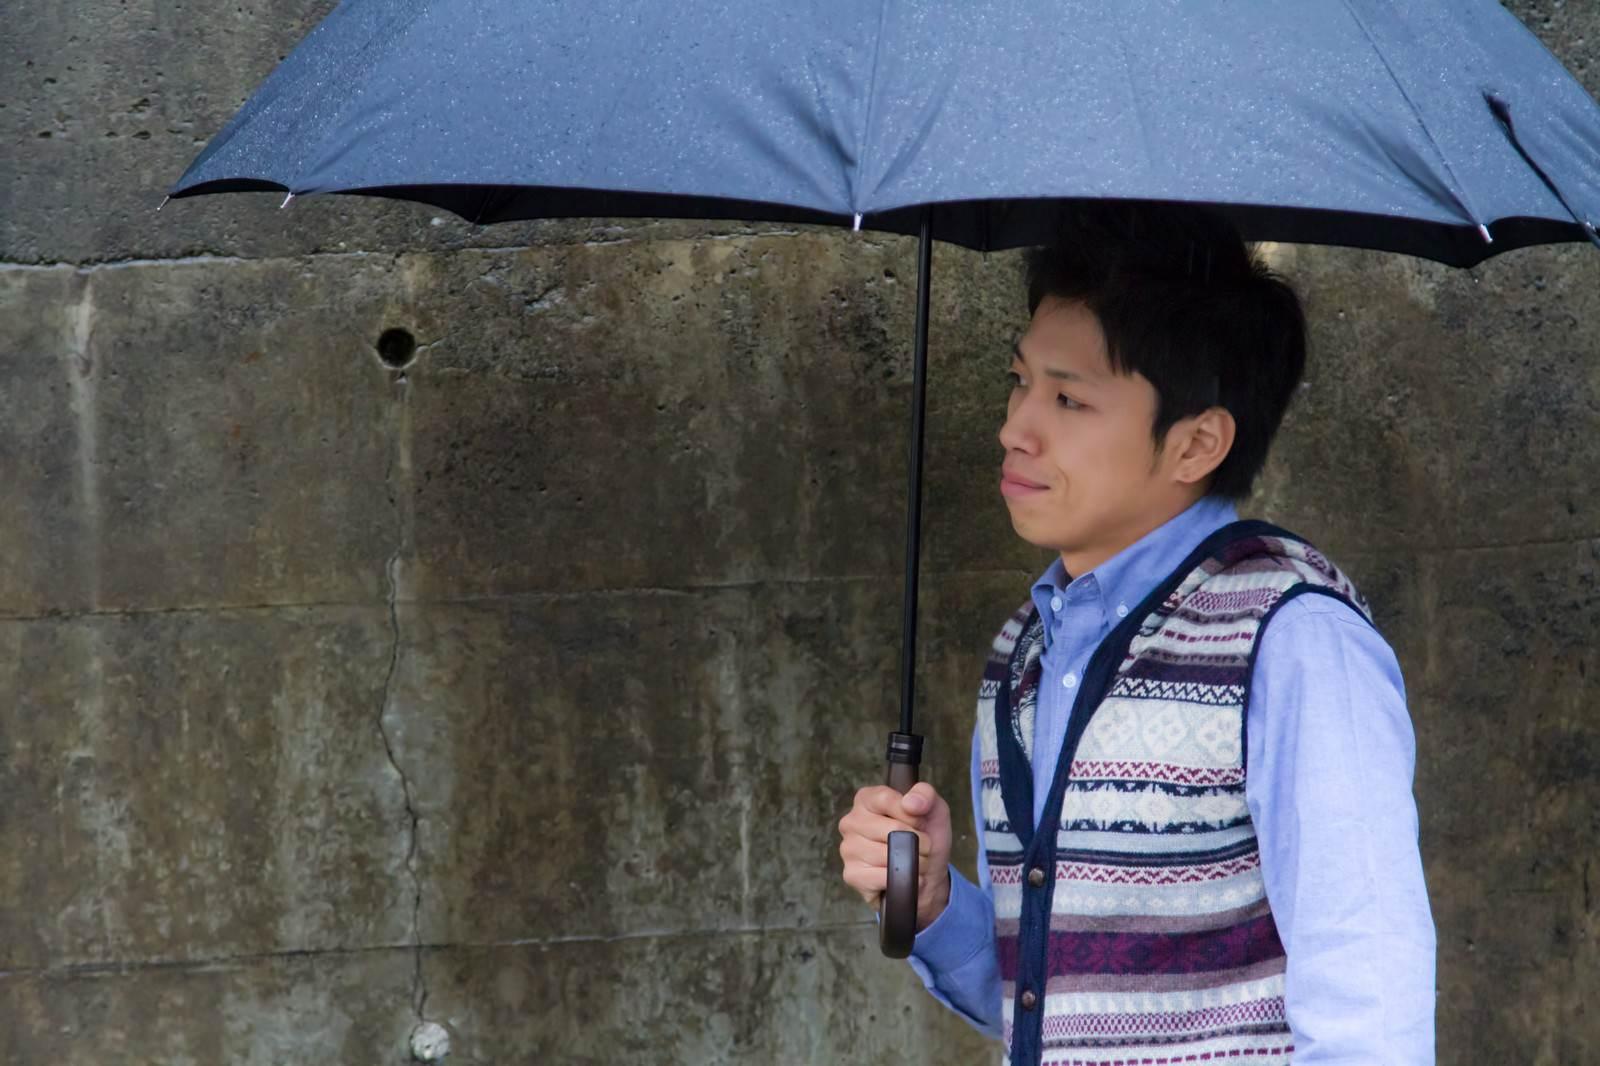 「雨の日に傘を差して恋人を待つ男性」の写真[モデル:恭平]